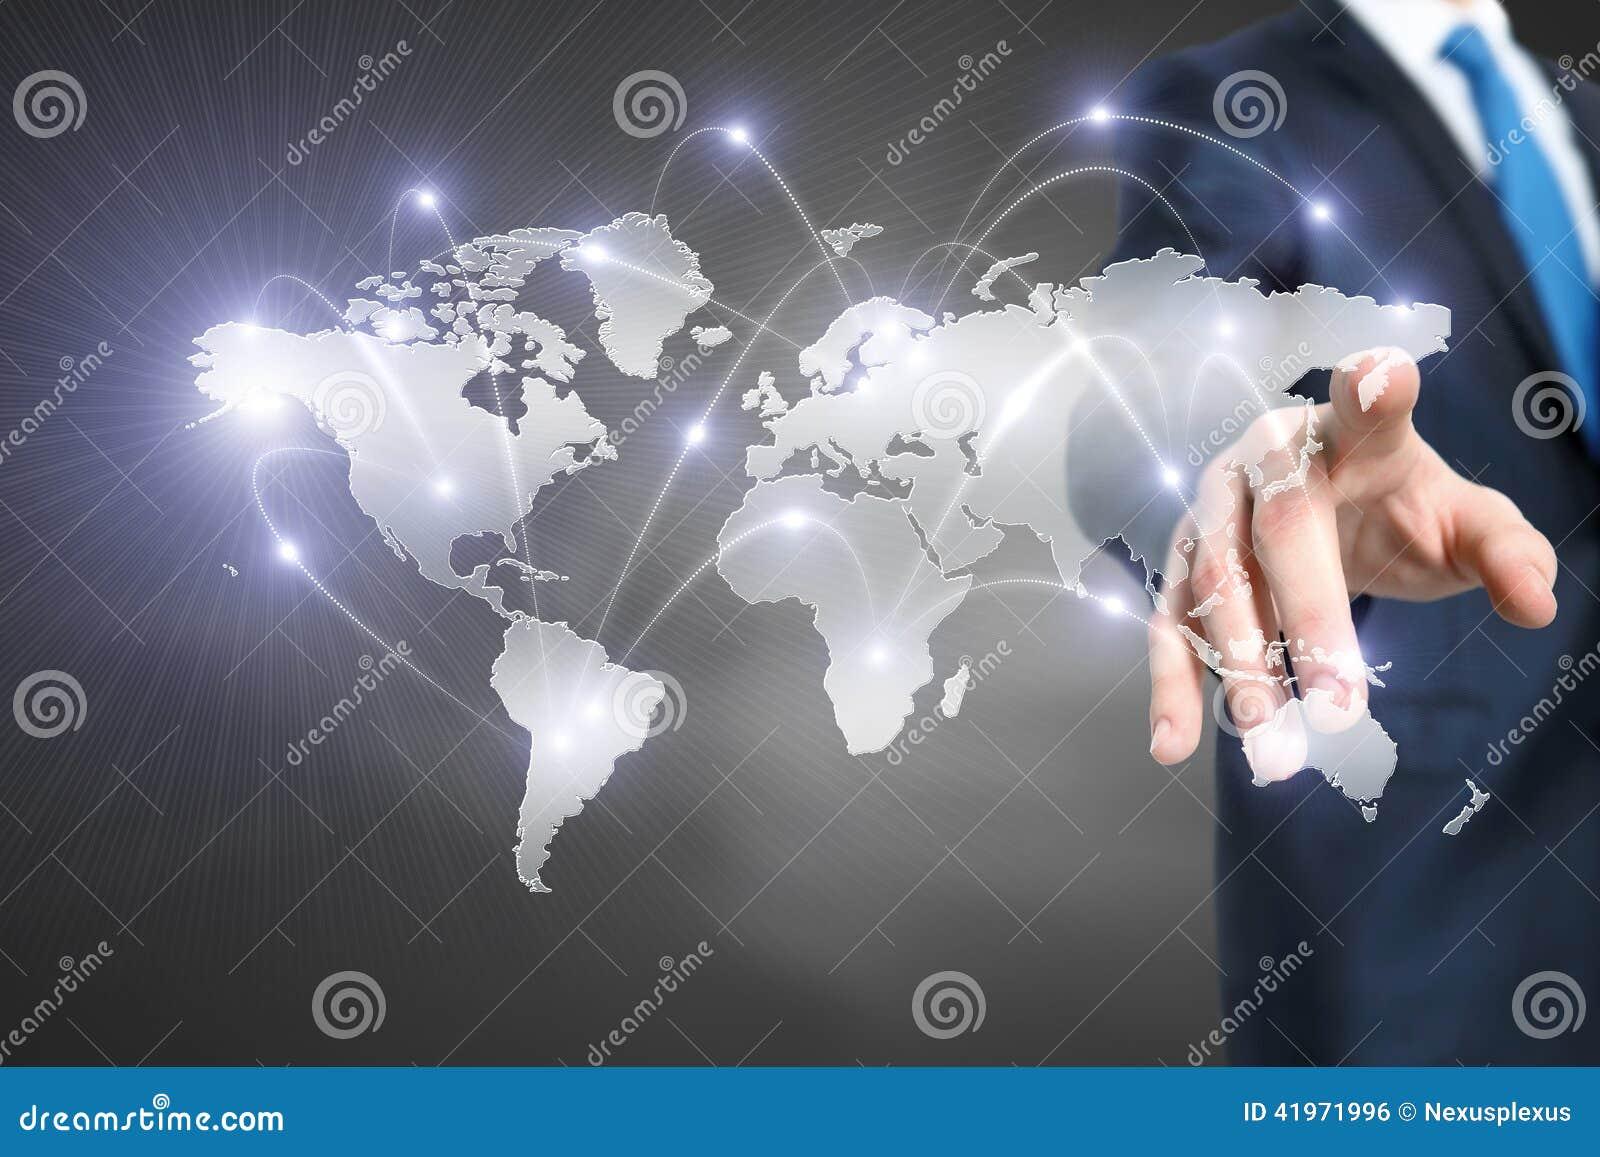 Media globalisering